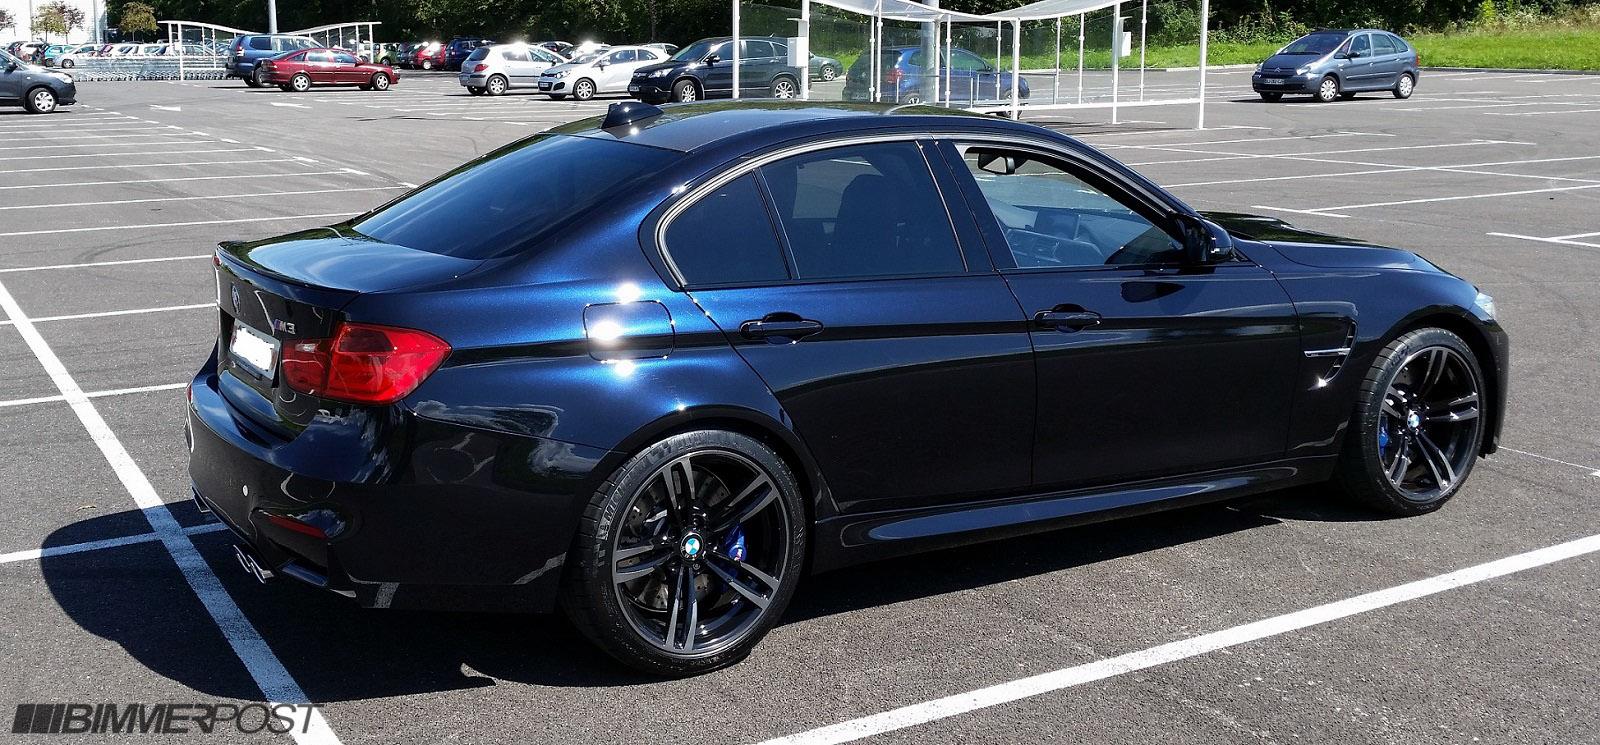 2019 - [BMW] Série 8 Gran Coupé [G16] - Page 7 Attachment